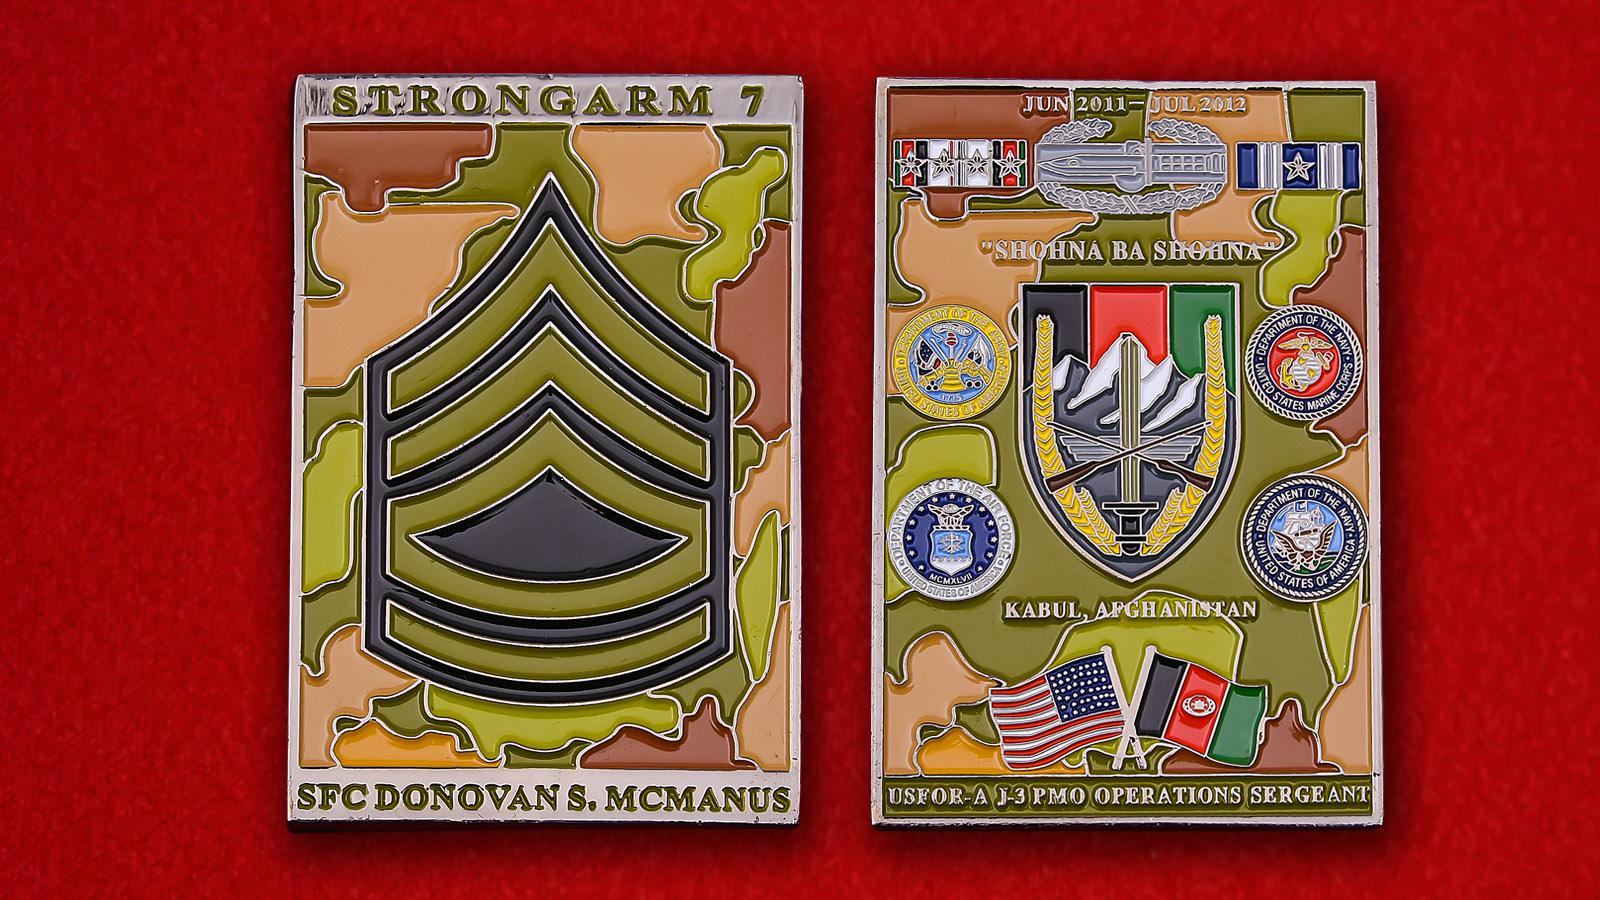 """Челлендж коин """"Сержанту Доновану Макманусу от начальника военной полиции корпуса армии США в Кабуле"""""""